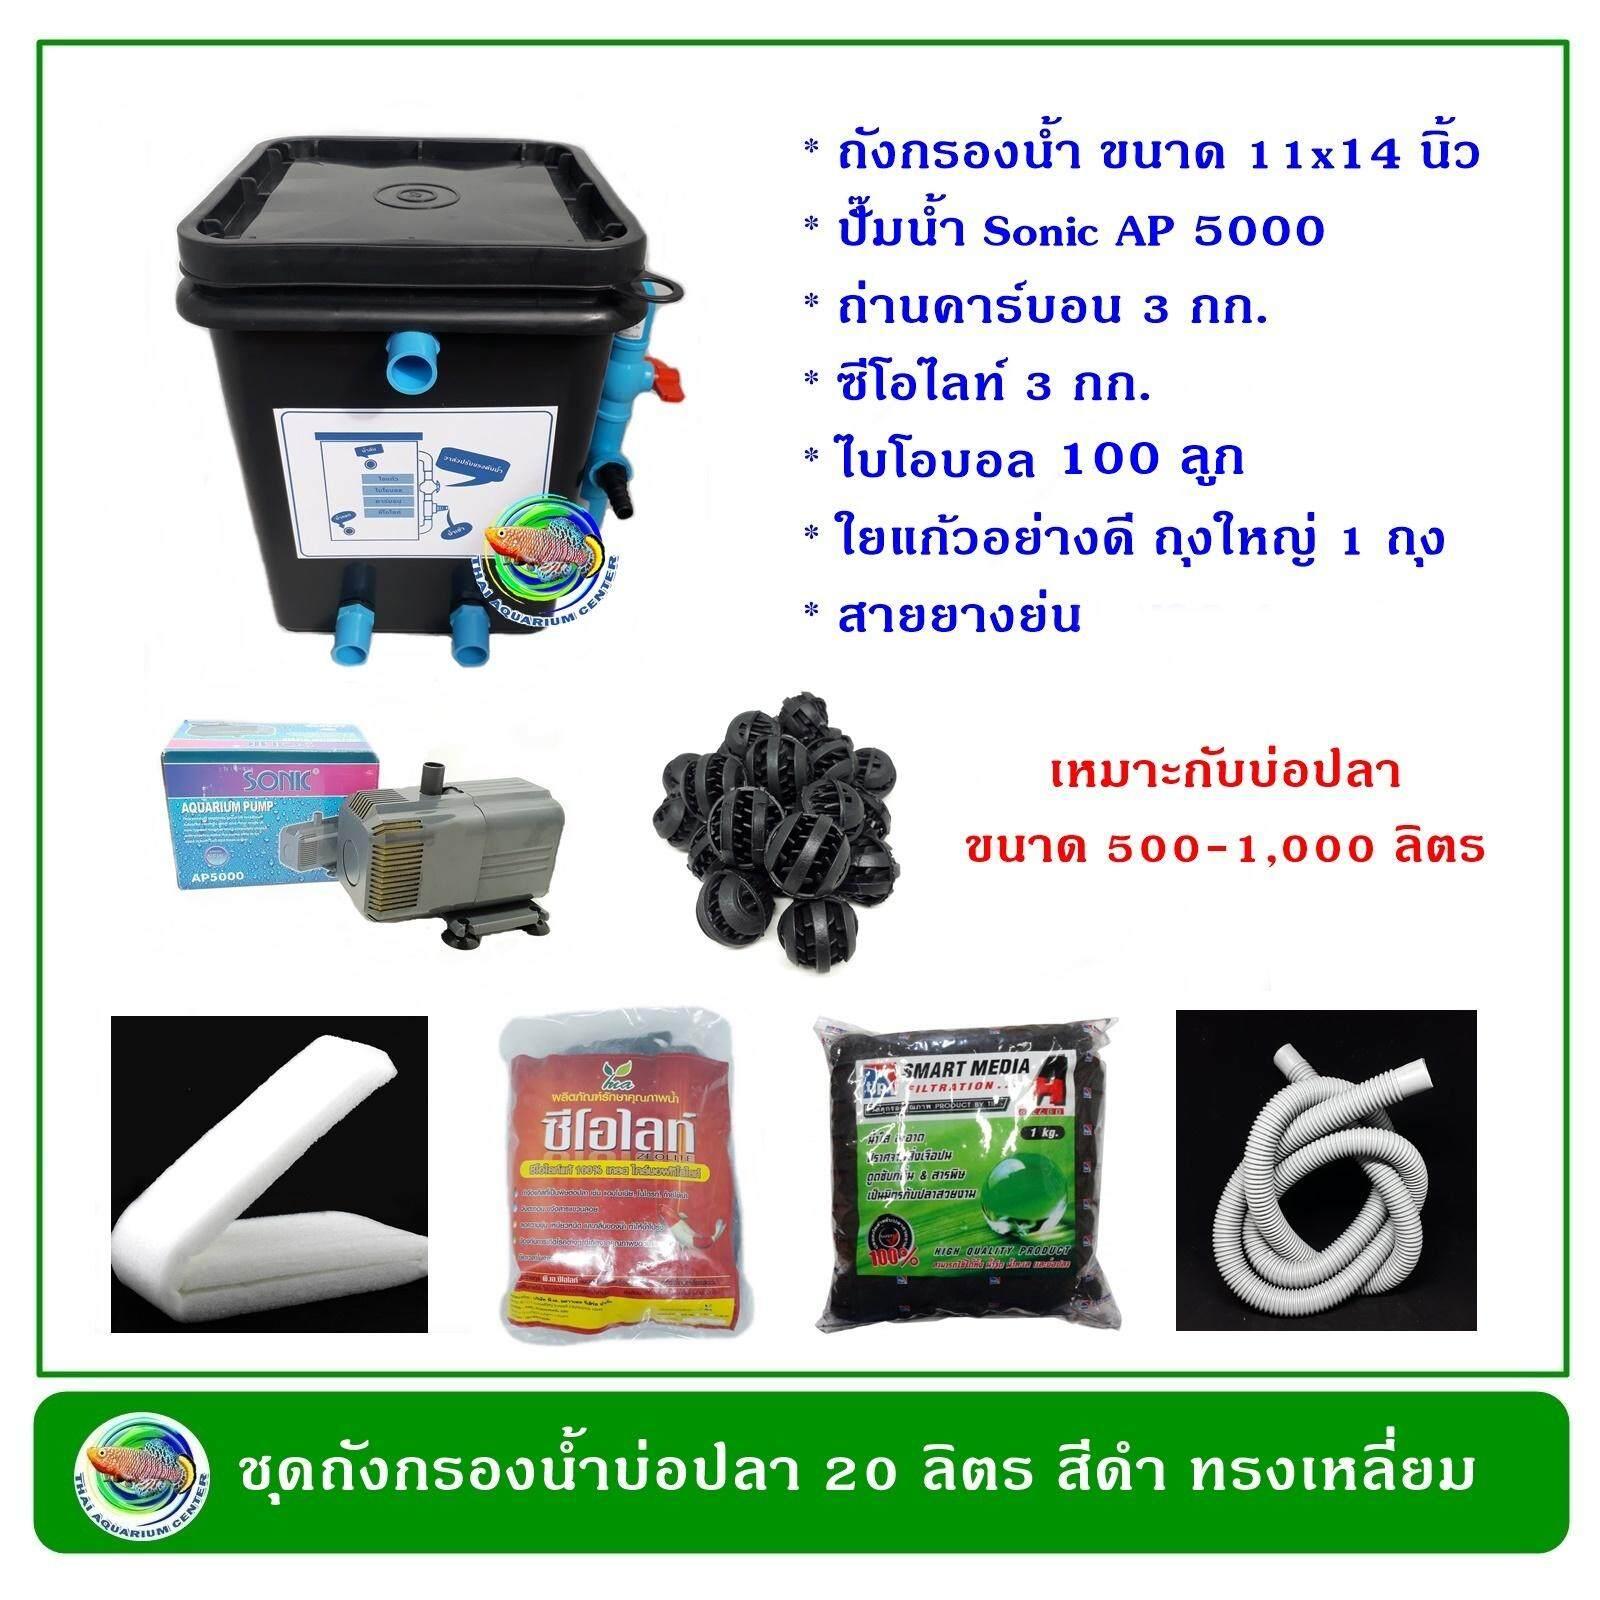 ถังกรองน้ำบ่อปลา ทรงสี่เหลี่ยม สีดำ ขนาด 20 ลิตร อุปกรณ์ครบชุด ปั๊มน้ำ และวัสดุกรอง ถังกรองน้ำ กรองน้ำบ่อปลา By Thai Aquarium